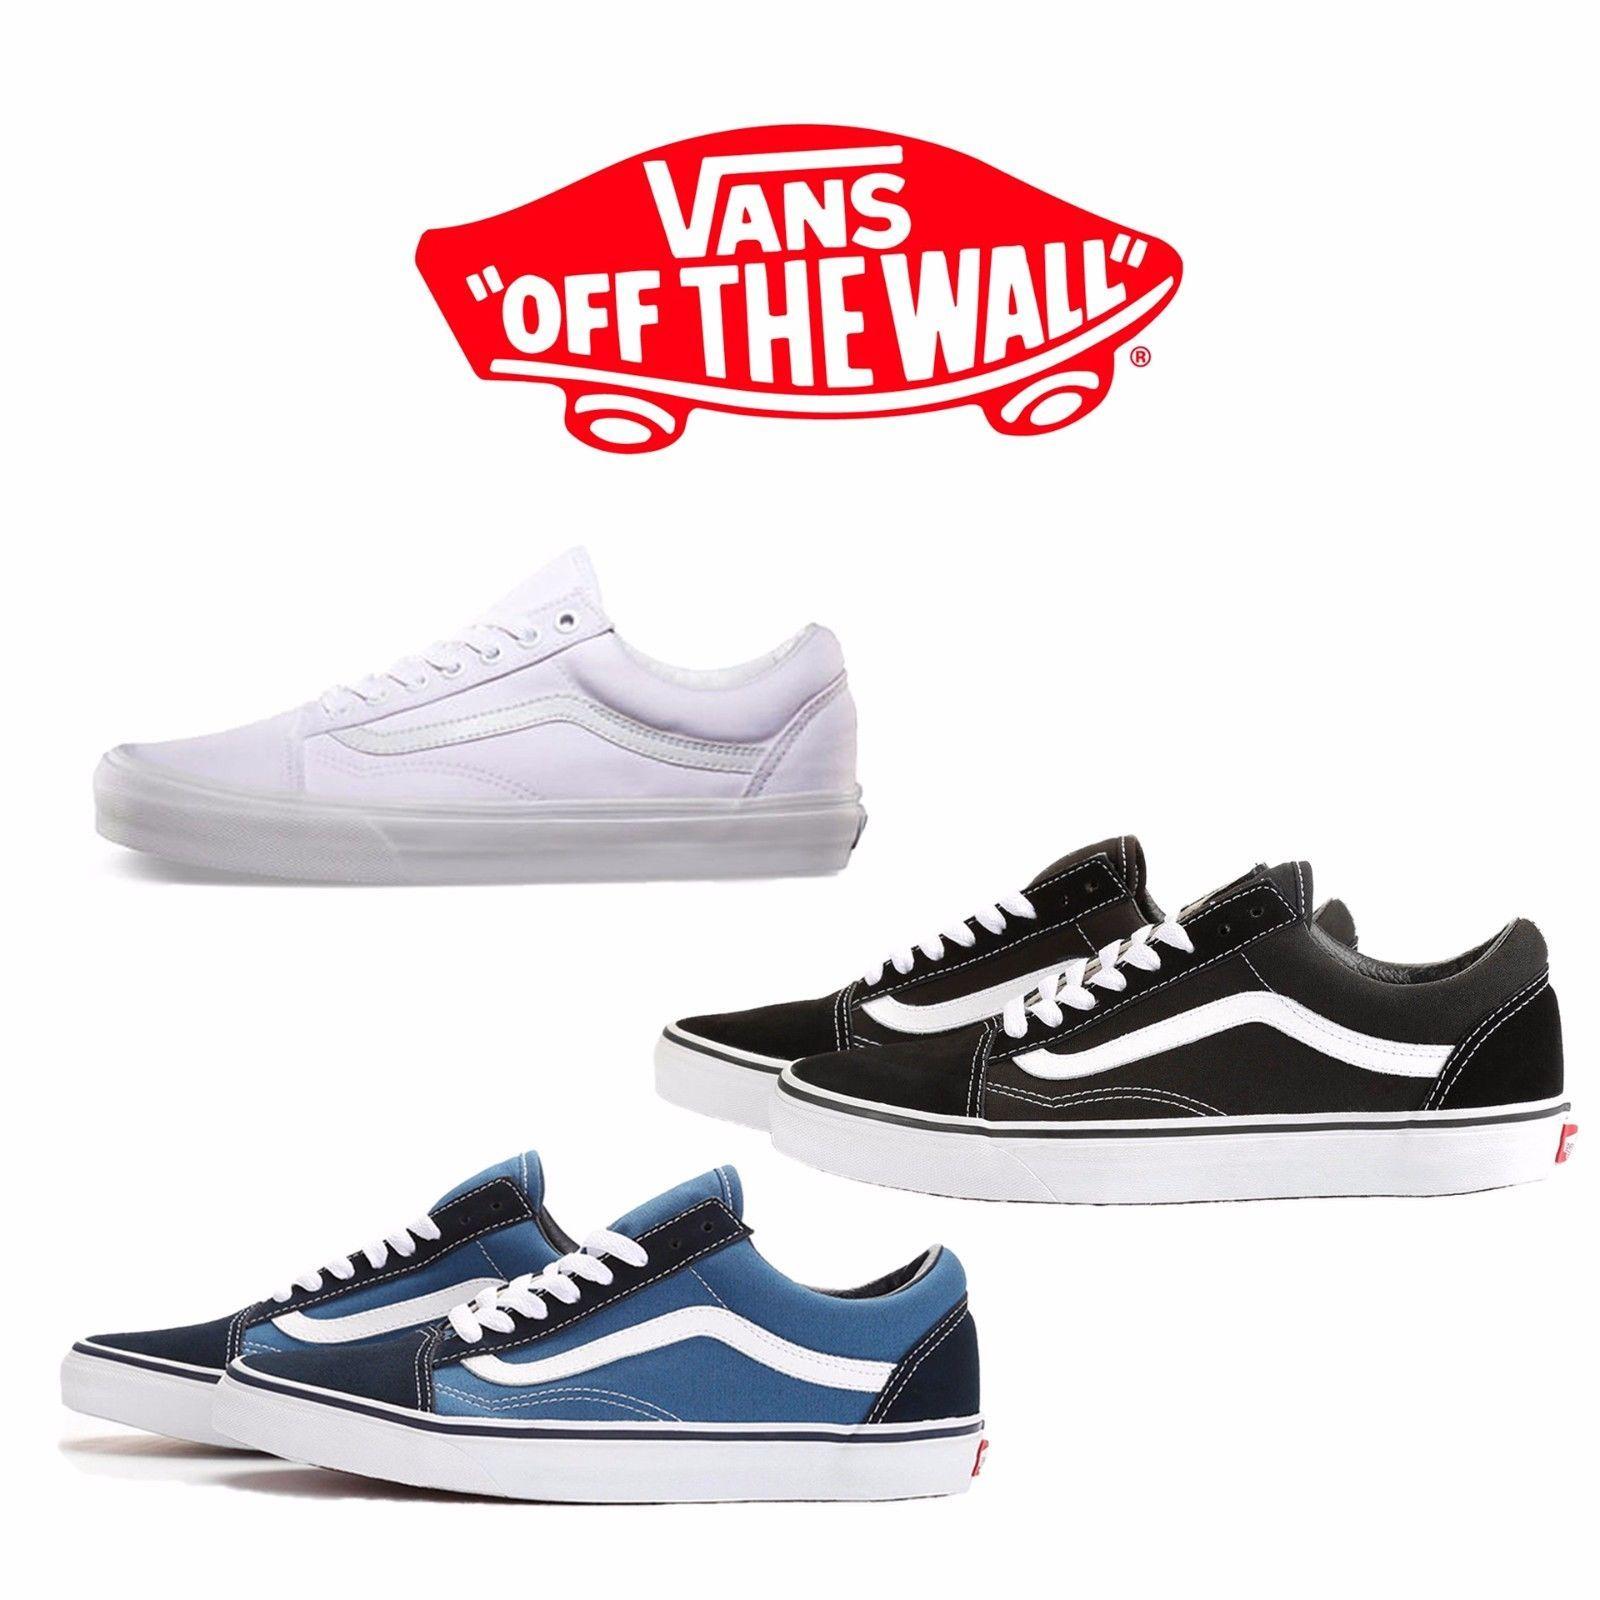 9cc0a9b37fad97 Vans Old Skool Classic Skate Shoe Men Women Unisex Suede Canvas Black Navy  White